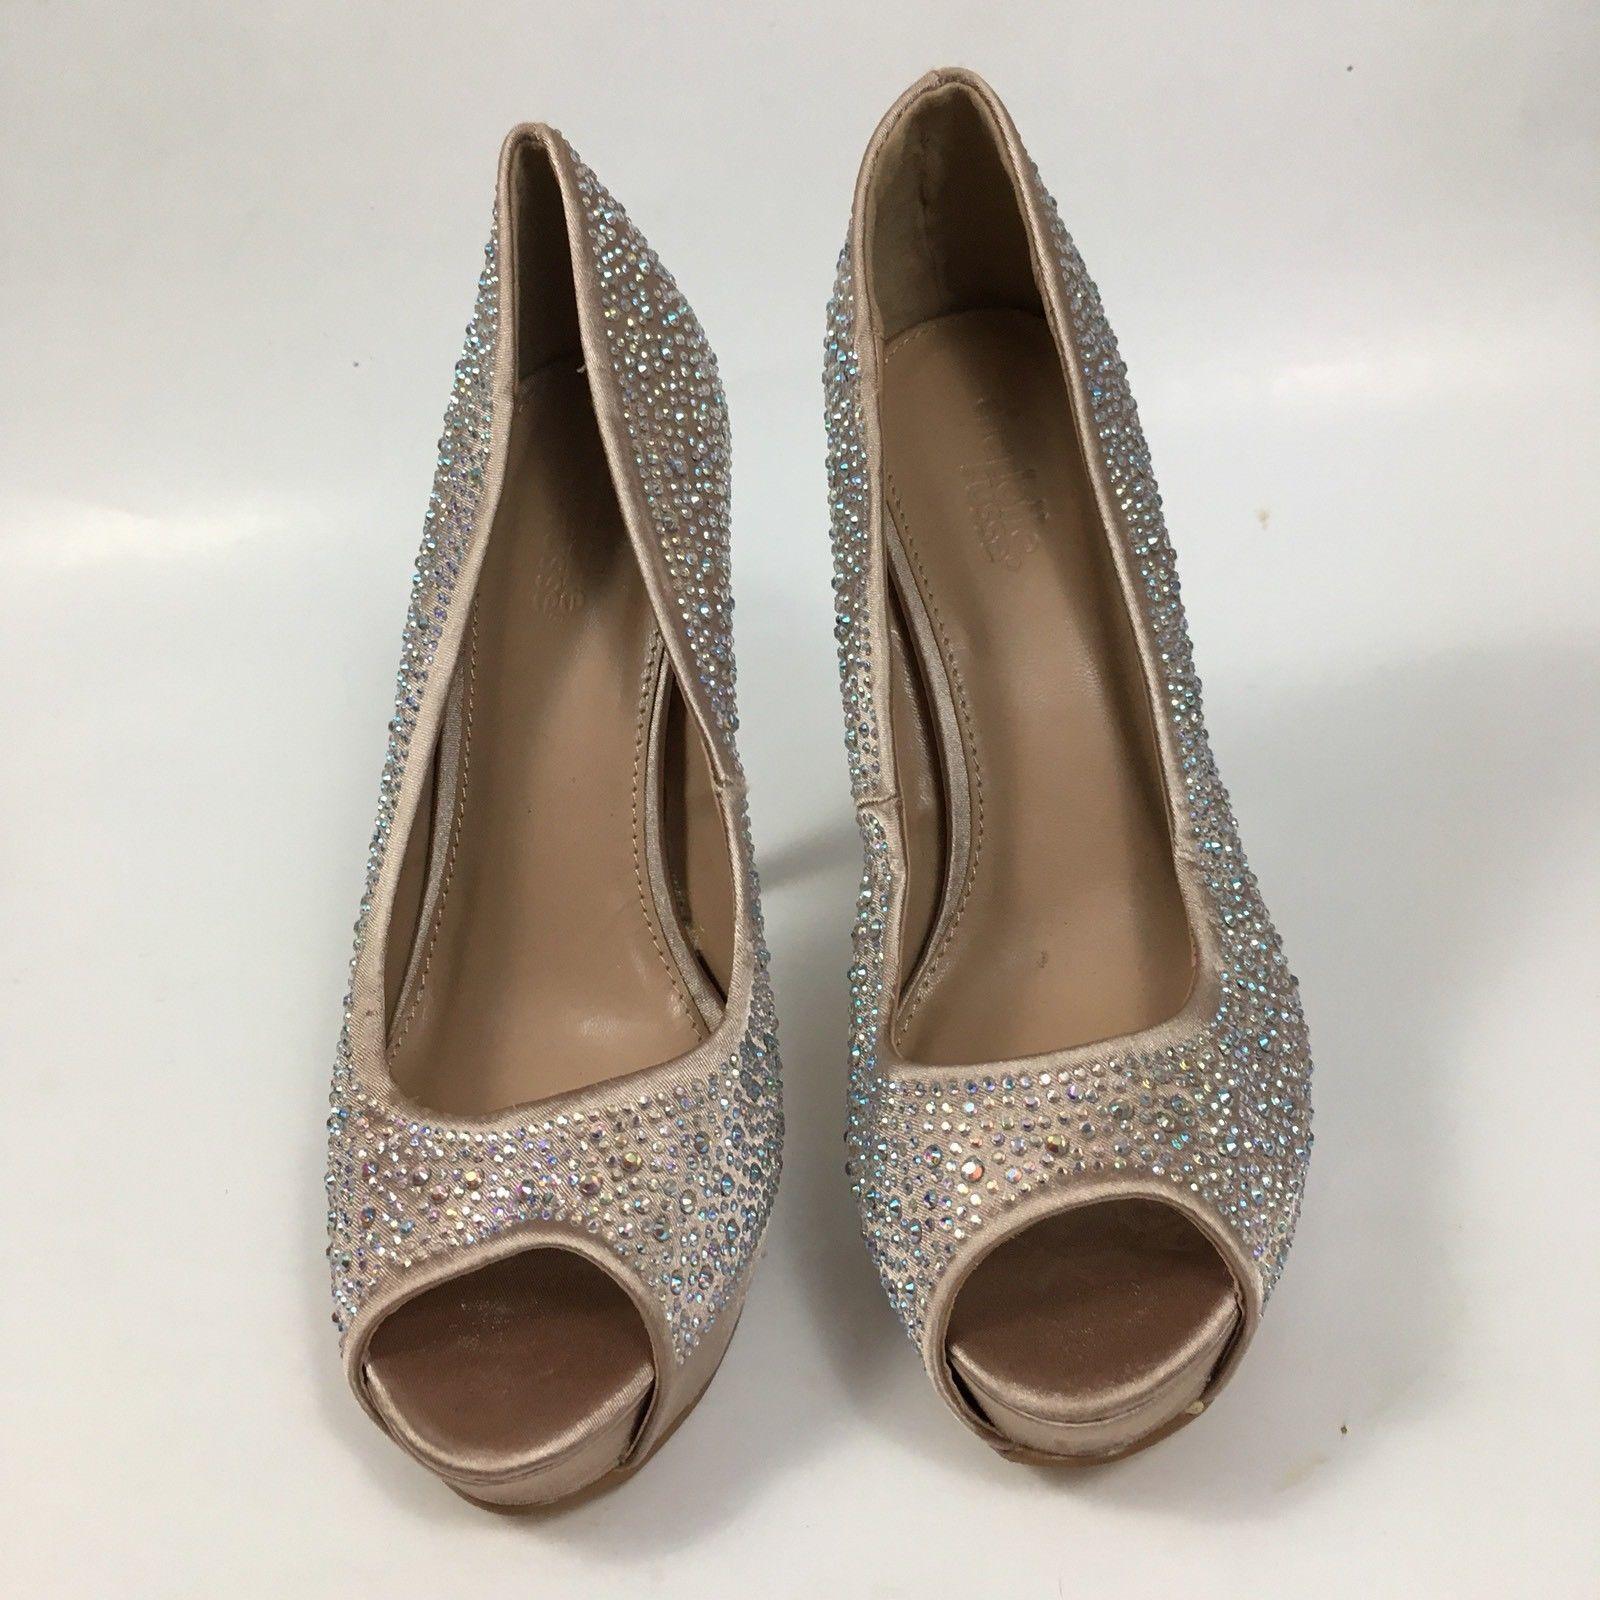 407a9636dd10 Charlotte Russe Women s Sz 6 Ella High Heel Shoes Embellished Open Peep Toe